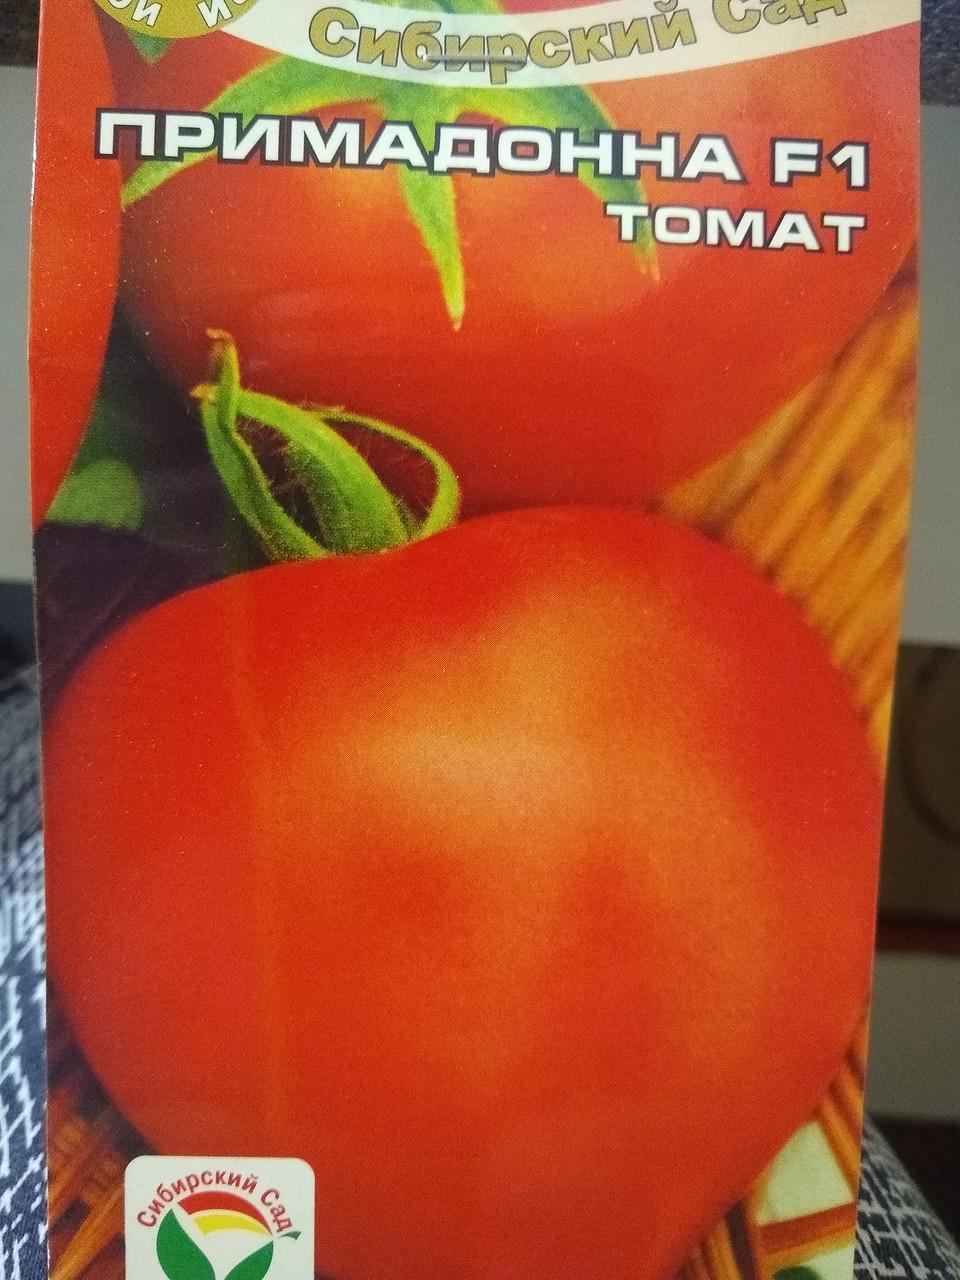 Насіння томату раннього гібрид Примадонна F1 високорослий 15 насінин Сибірський сад